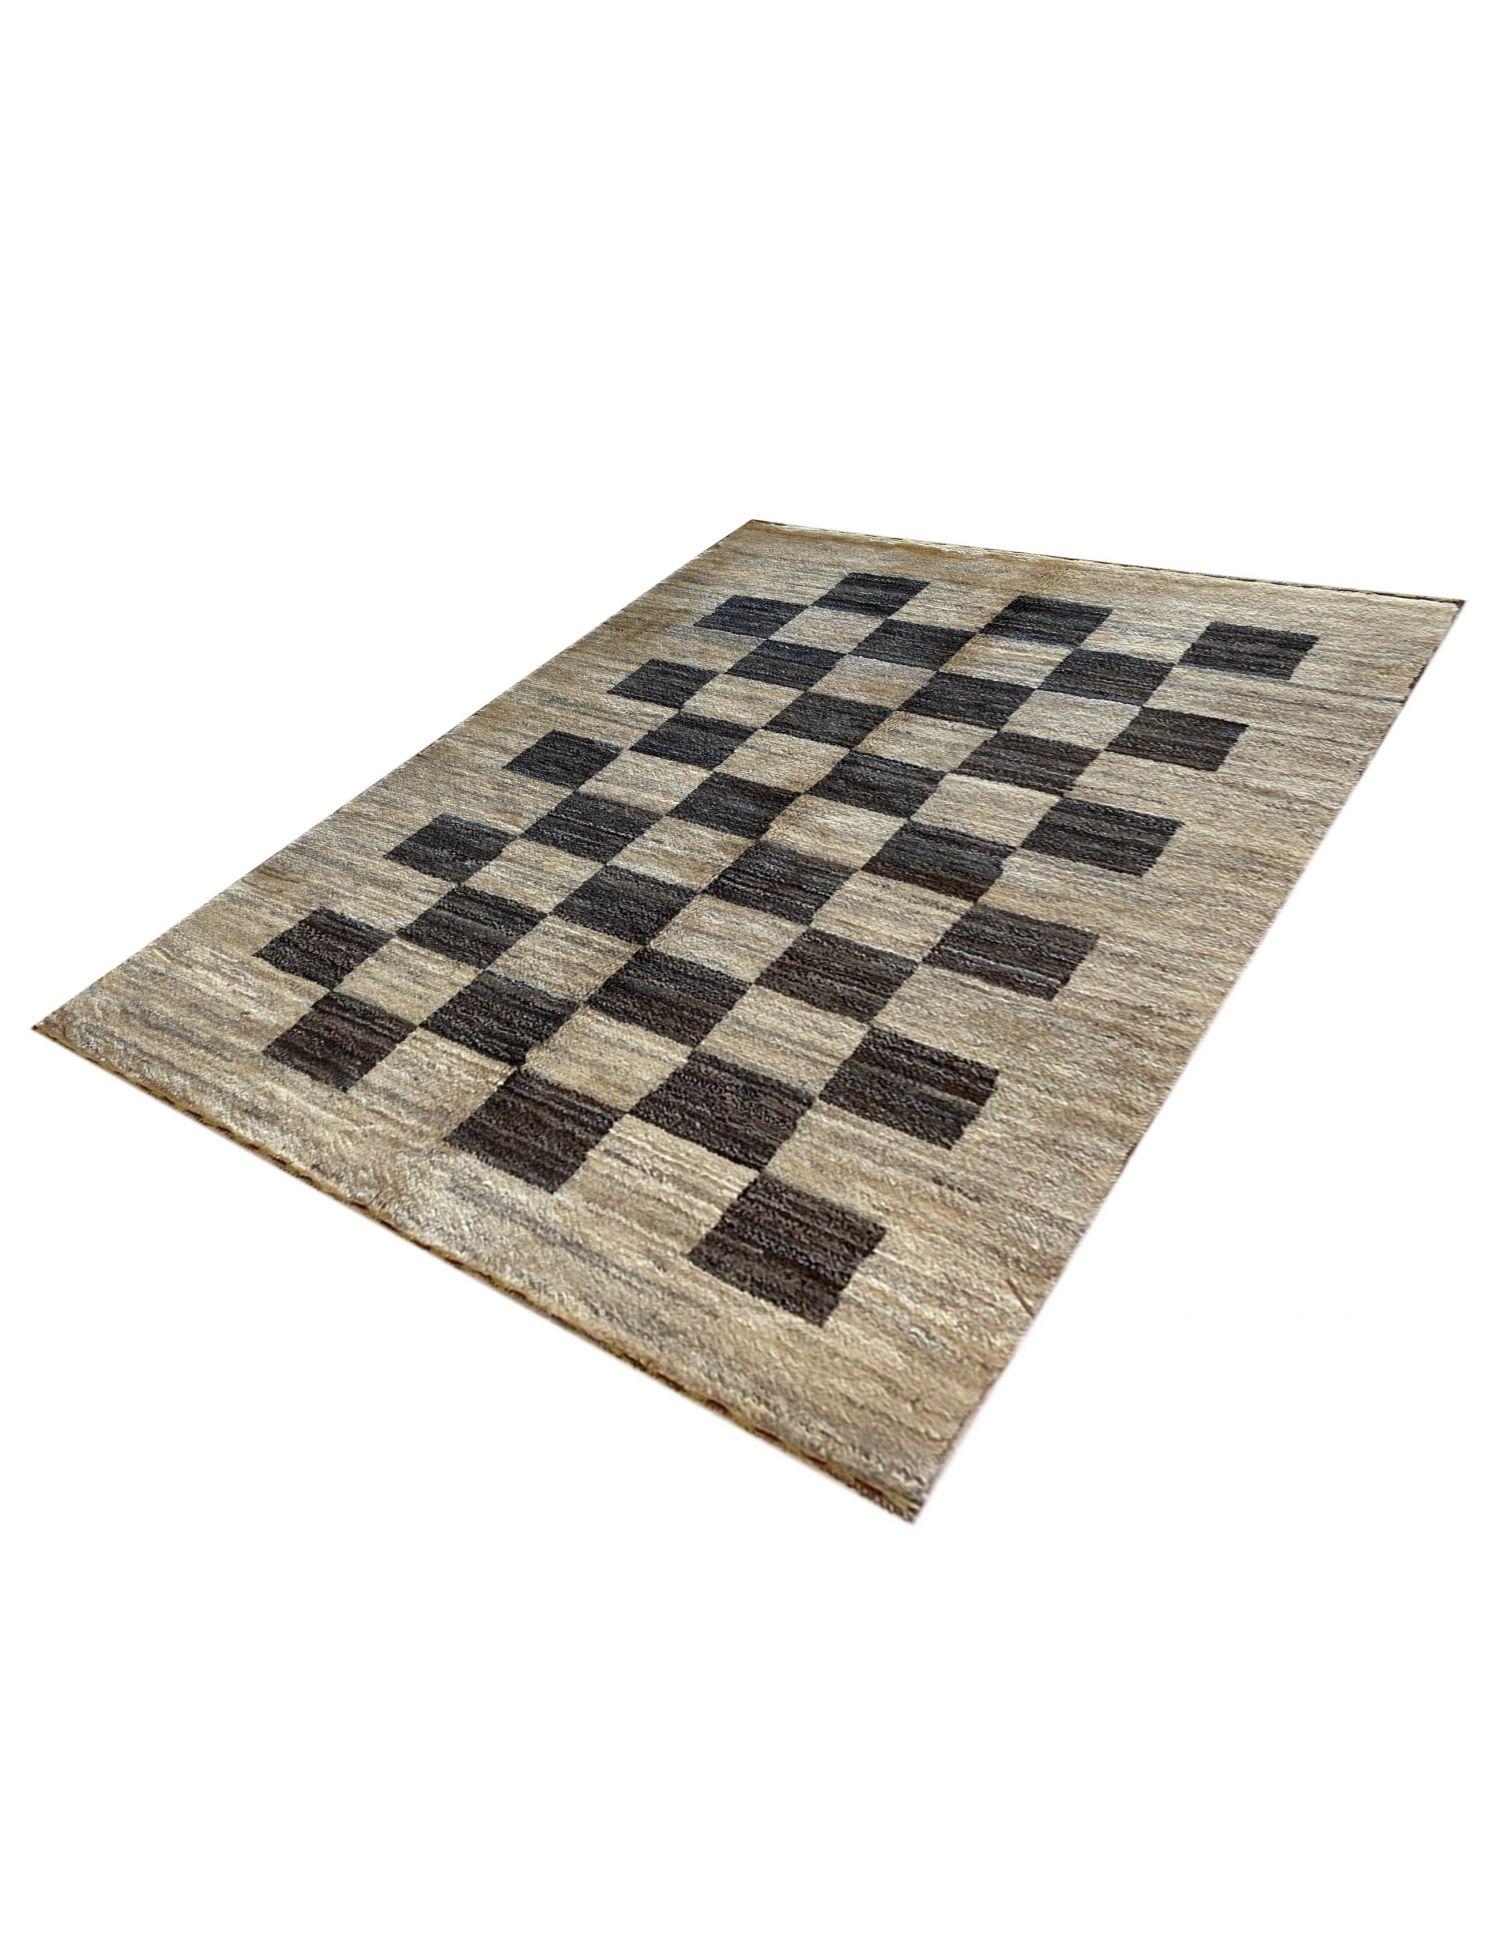 Moderne Teppiche   <br/>115 x 87 cm